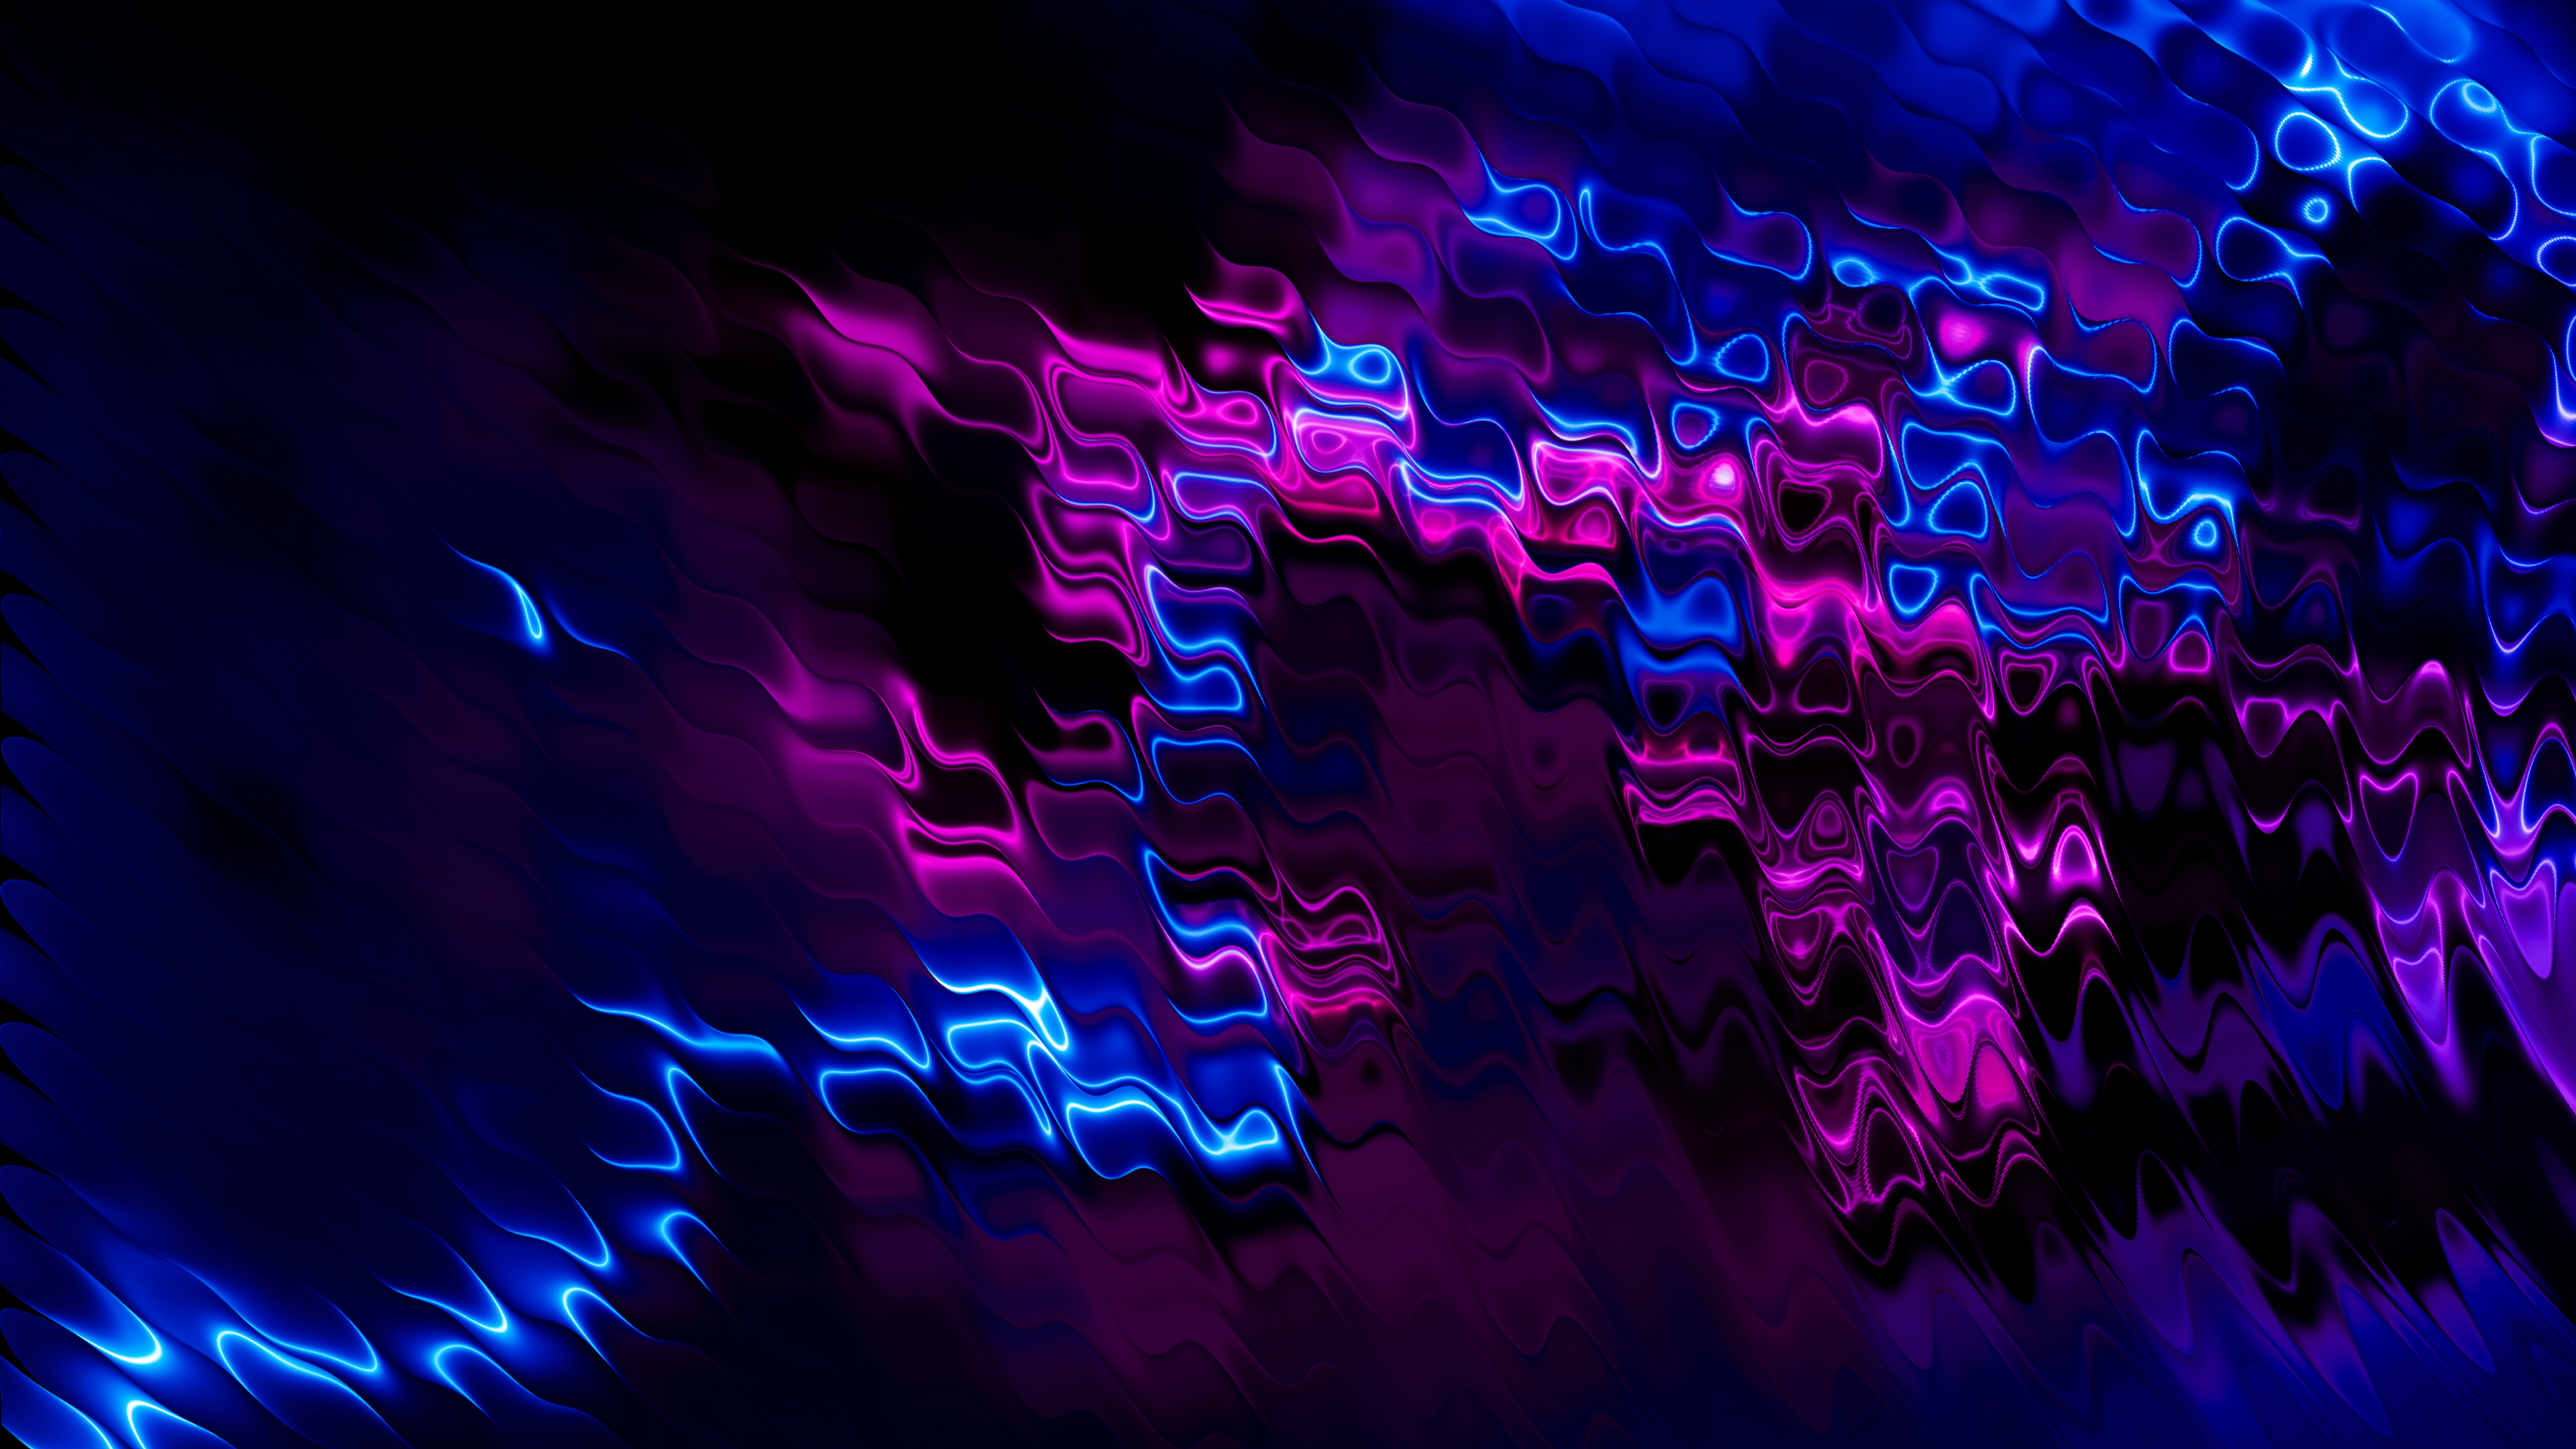 Fondos de pantalla Celdas moradas y azules